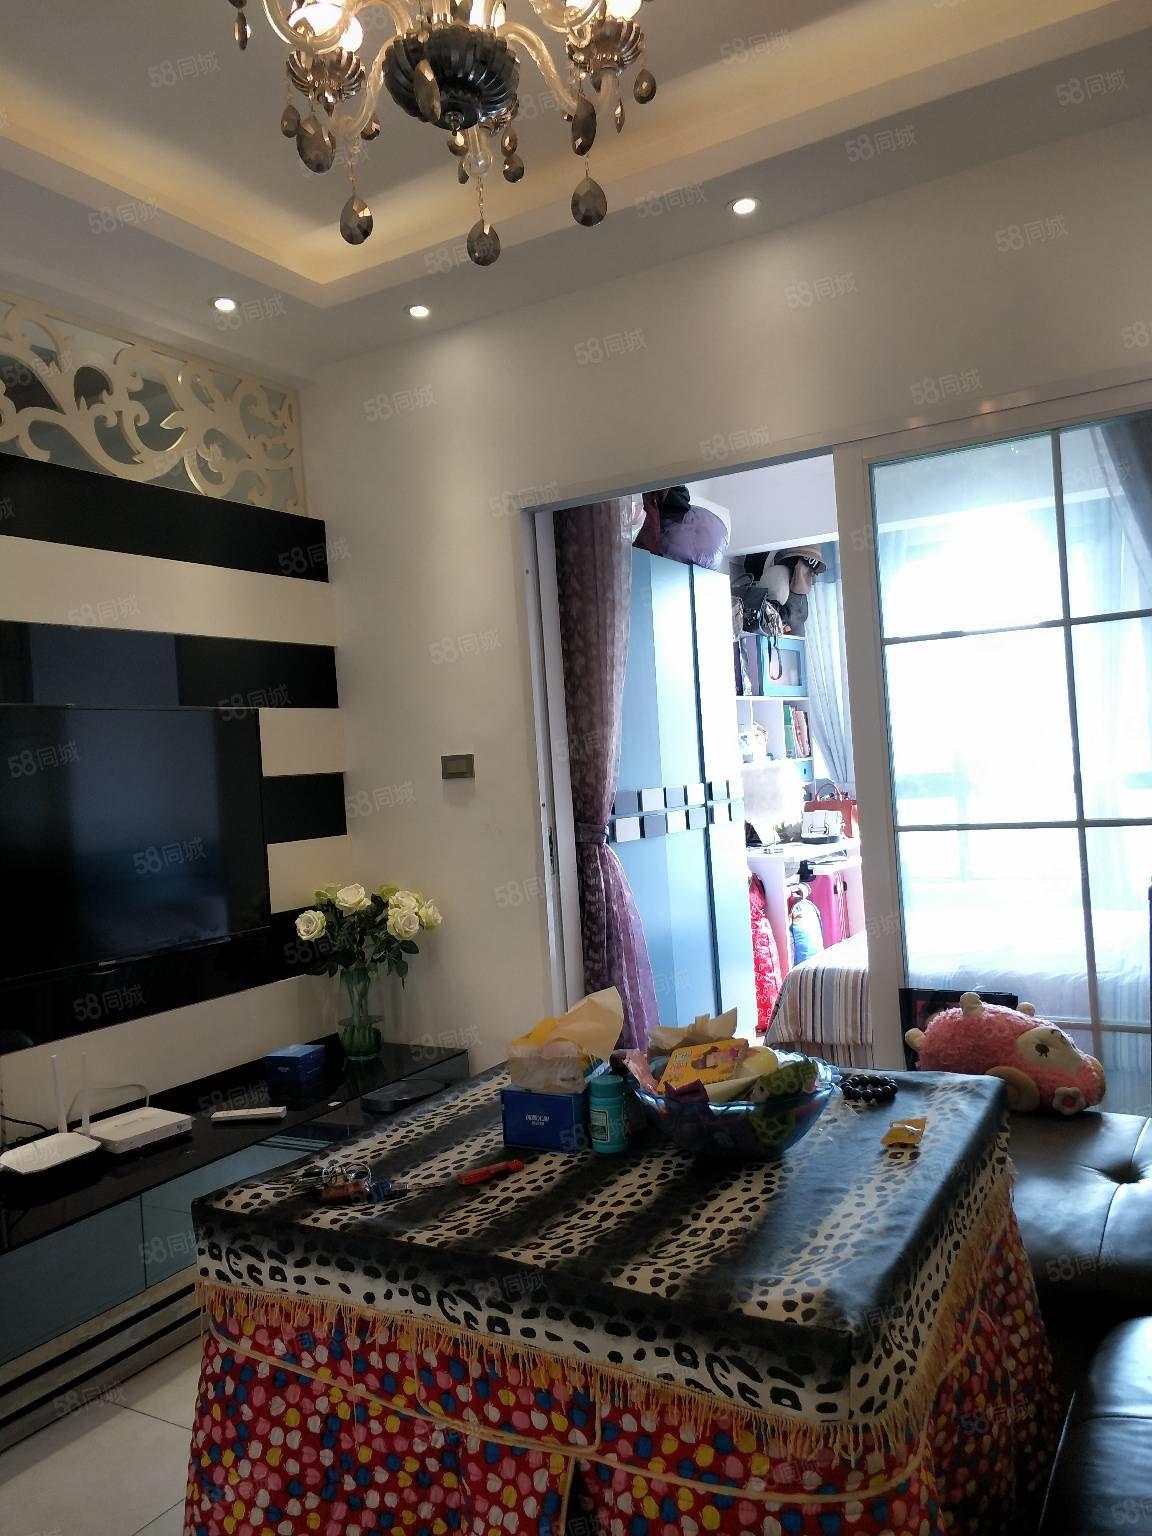 锦江广场旁锦江国际电梯房急售,2居室精装修关门卖